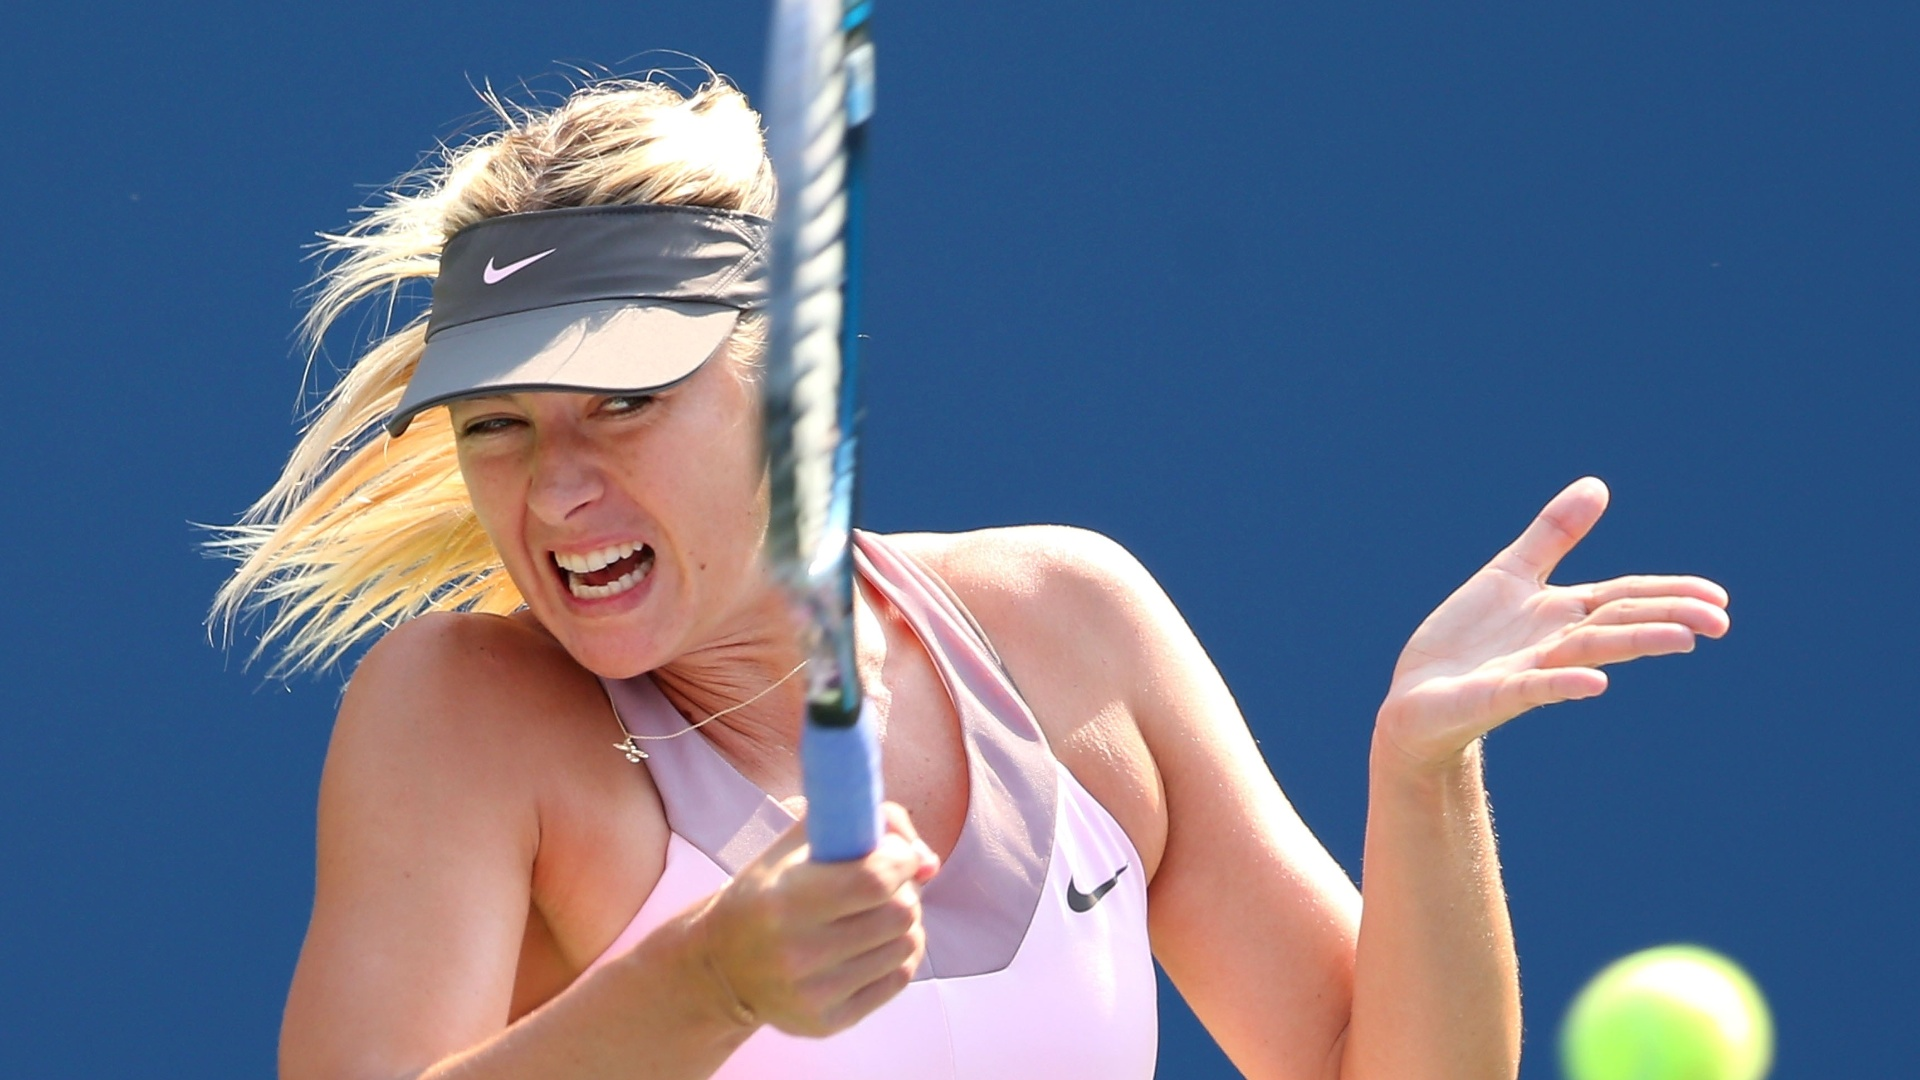 Maria Sharapova teve bom início de partida contra Victoria Azarenka pelas semifinais do Aberto dos EUA